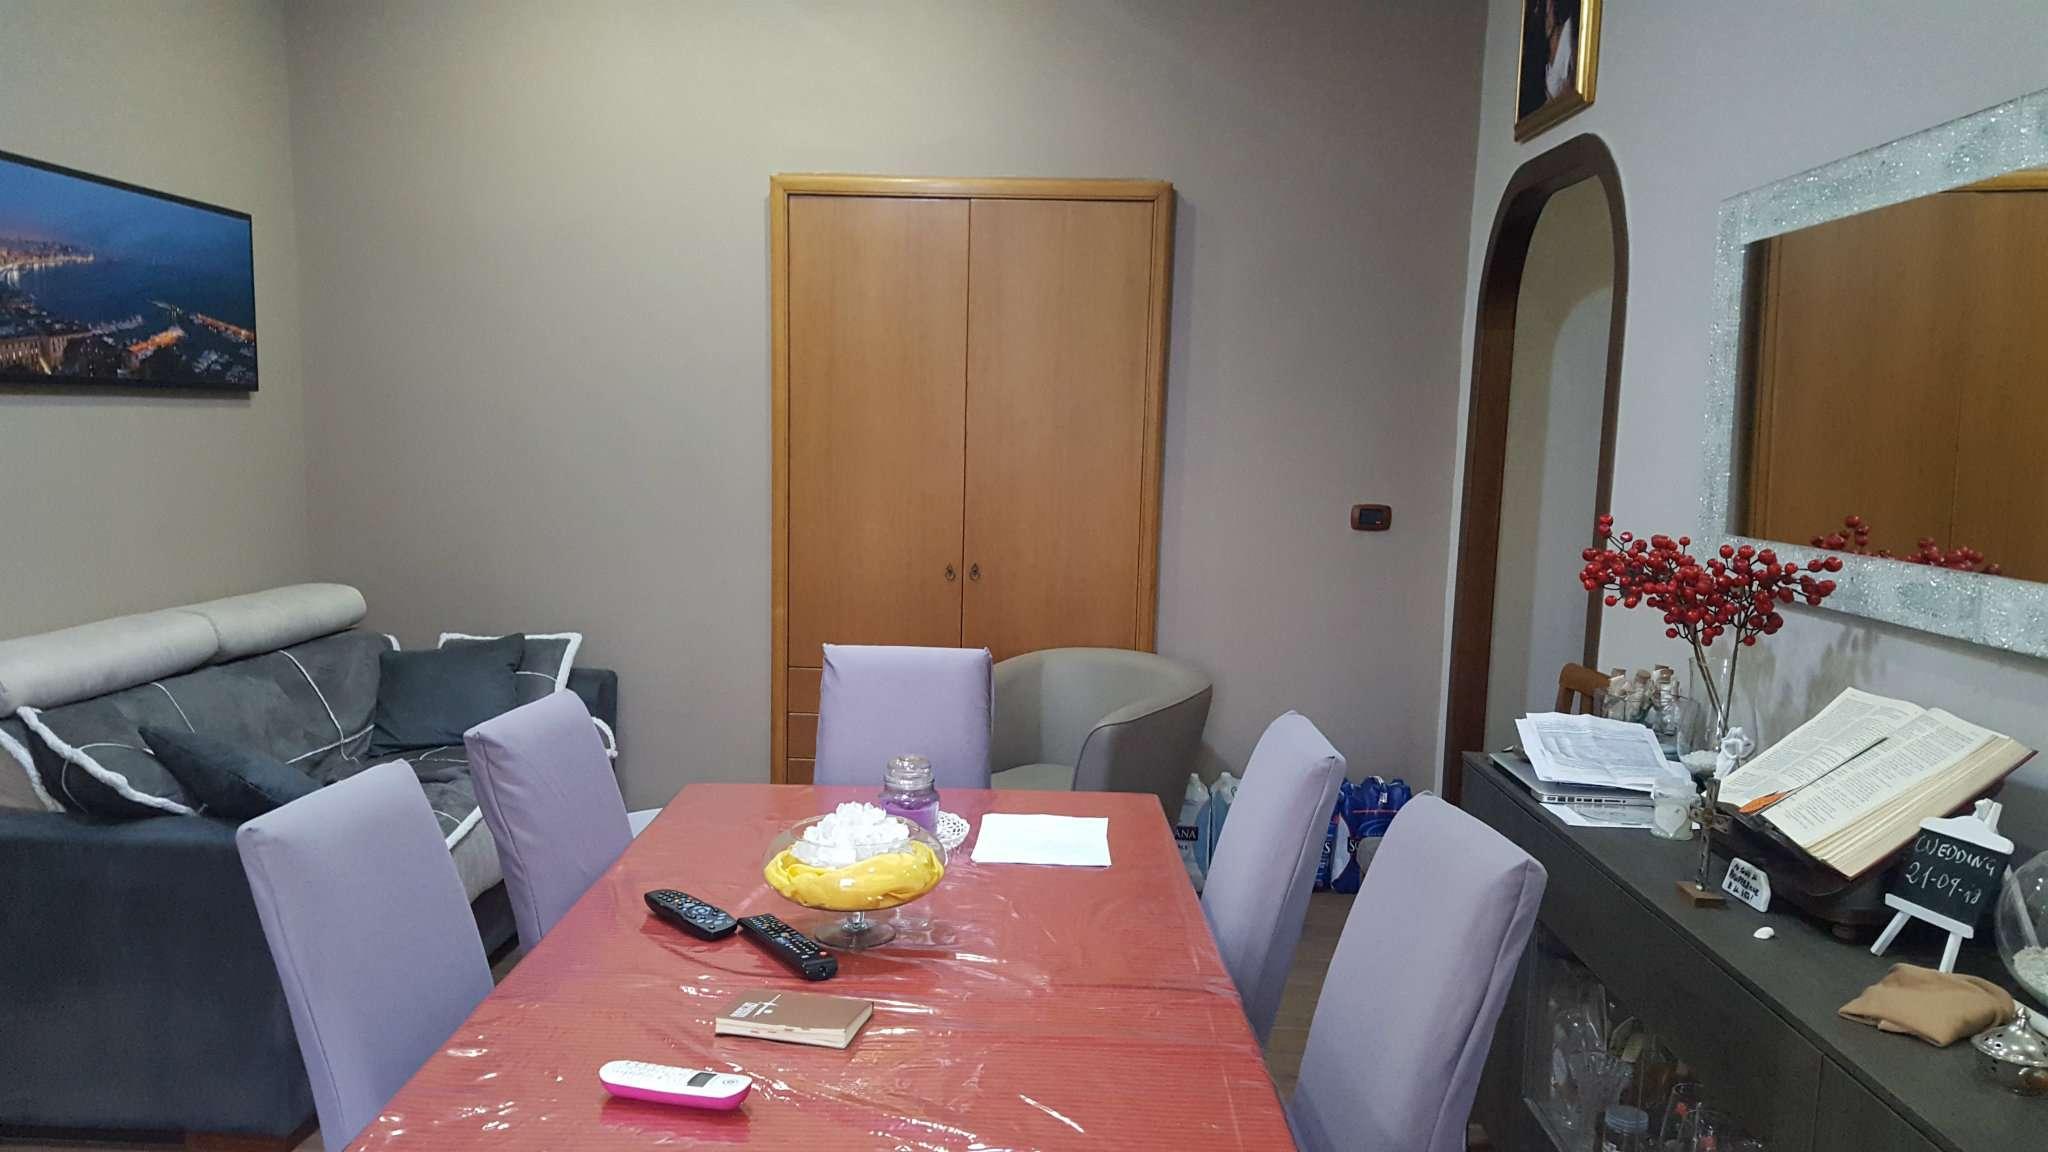 Foto 1 di Trilocale salita S. Elia, Napoli (zona San Carlo all'Arena, Stella)